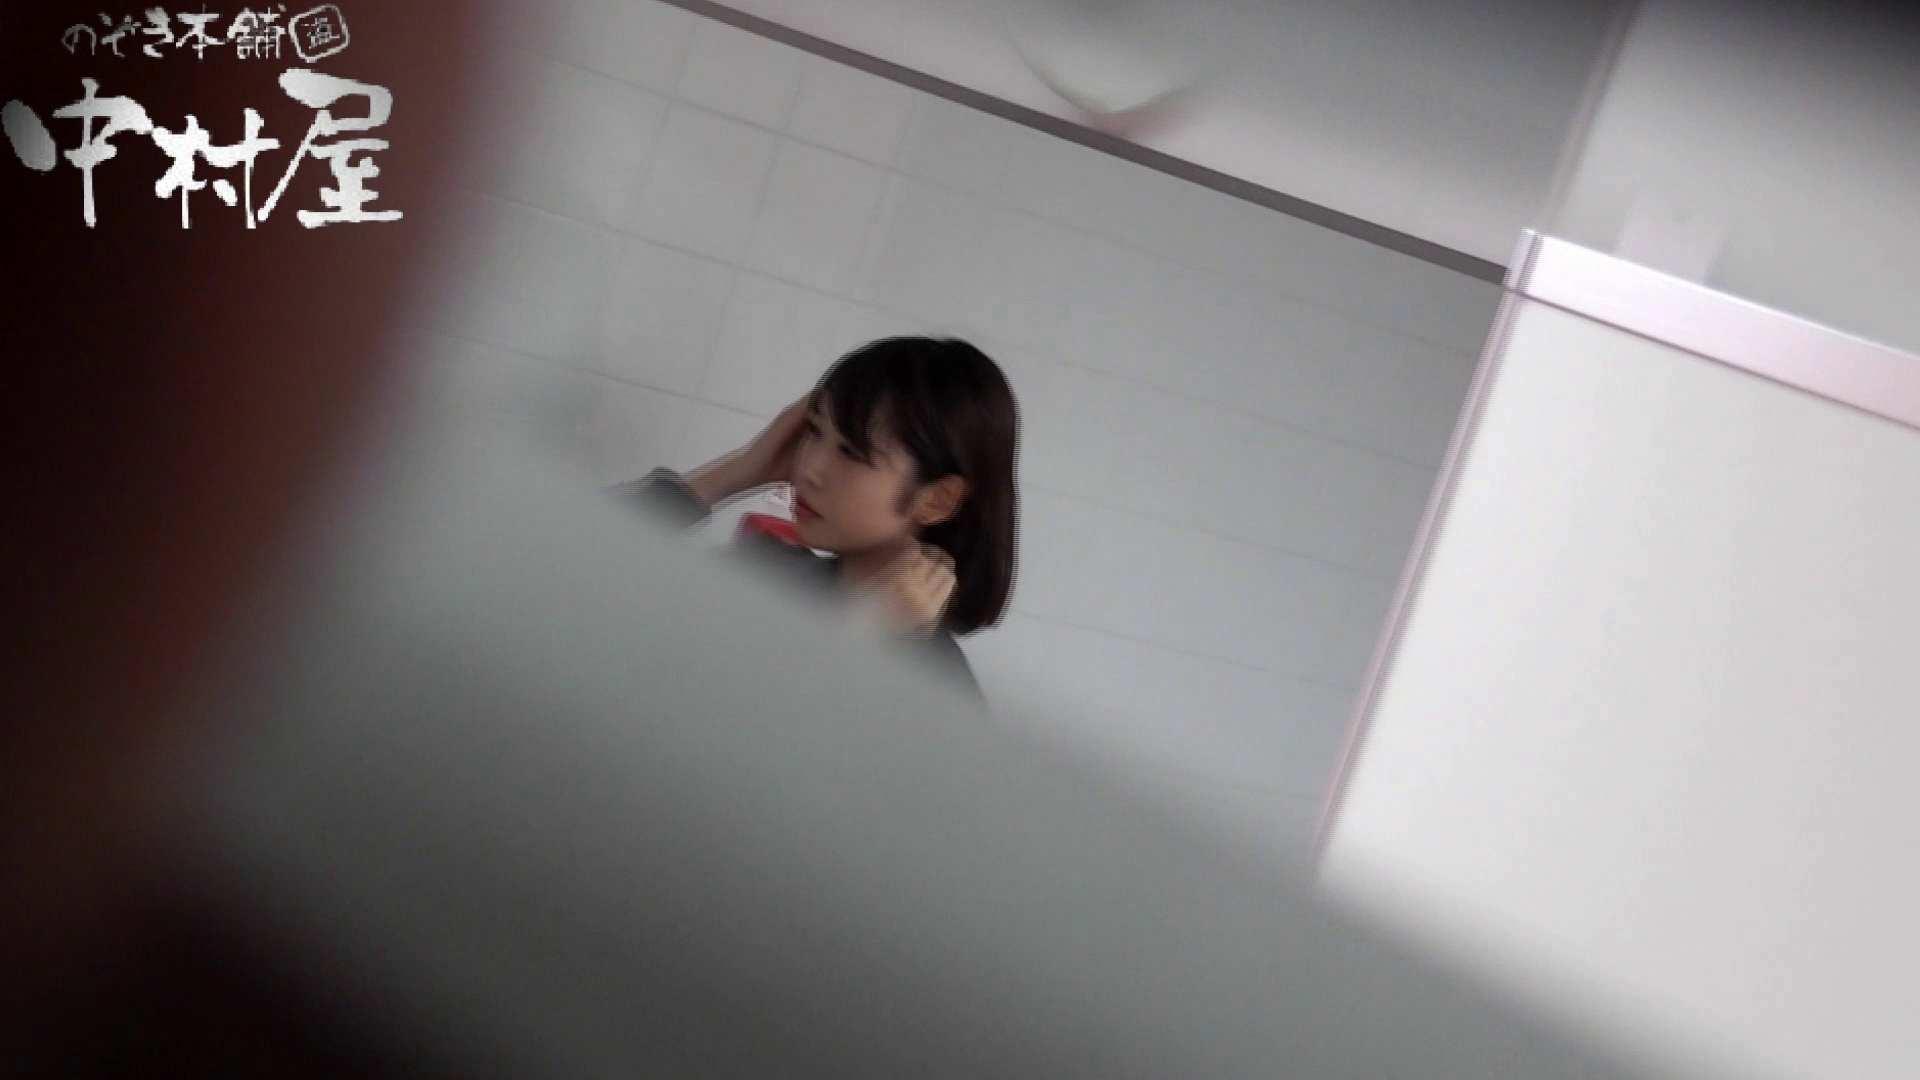 【美しい日本の未来】美しい日本の未来 No.41 反射を利用して、斬新な絶景が開かれた!! 現役ギャル AV無料動画キャプチャ 74pic 47